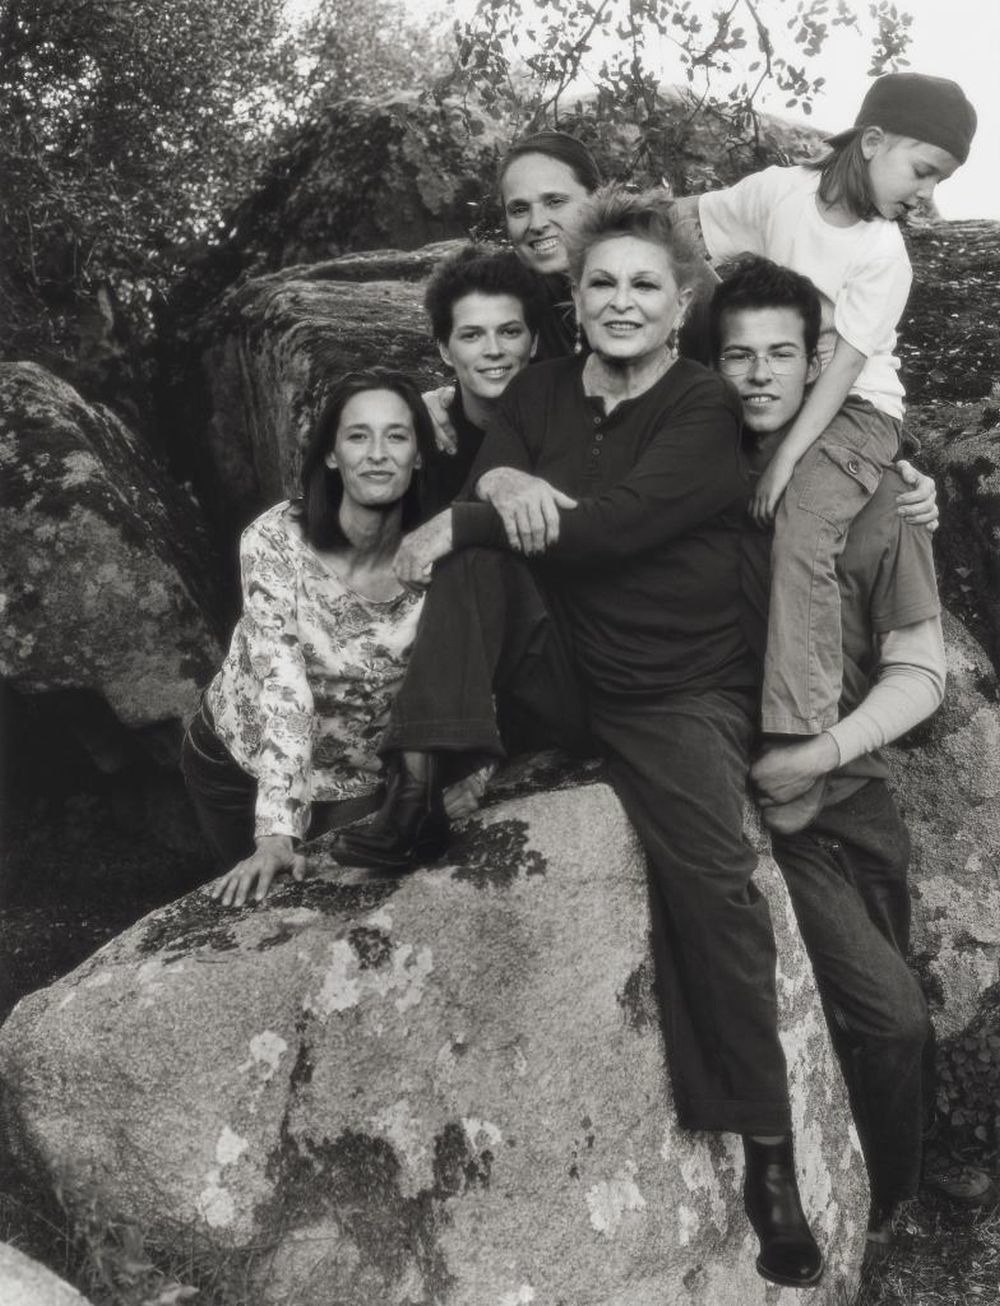 Paola Dominguín, Lucía Dominguín, Lucía Bosé, Bimba Bosé, Olfo Bosé y Palito en Rocamador.